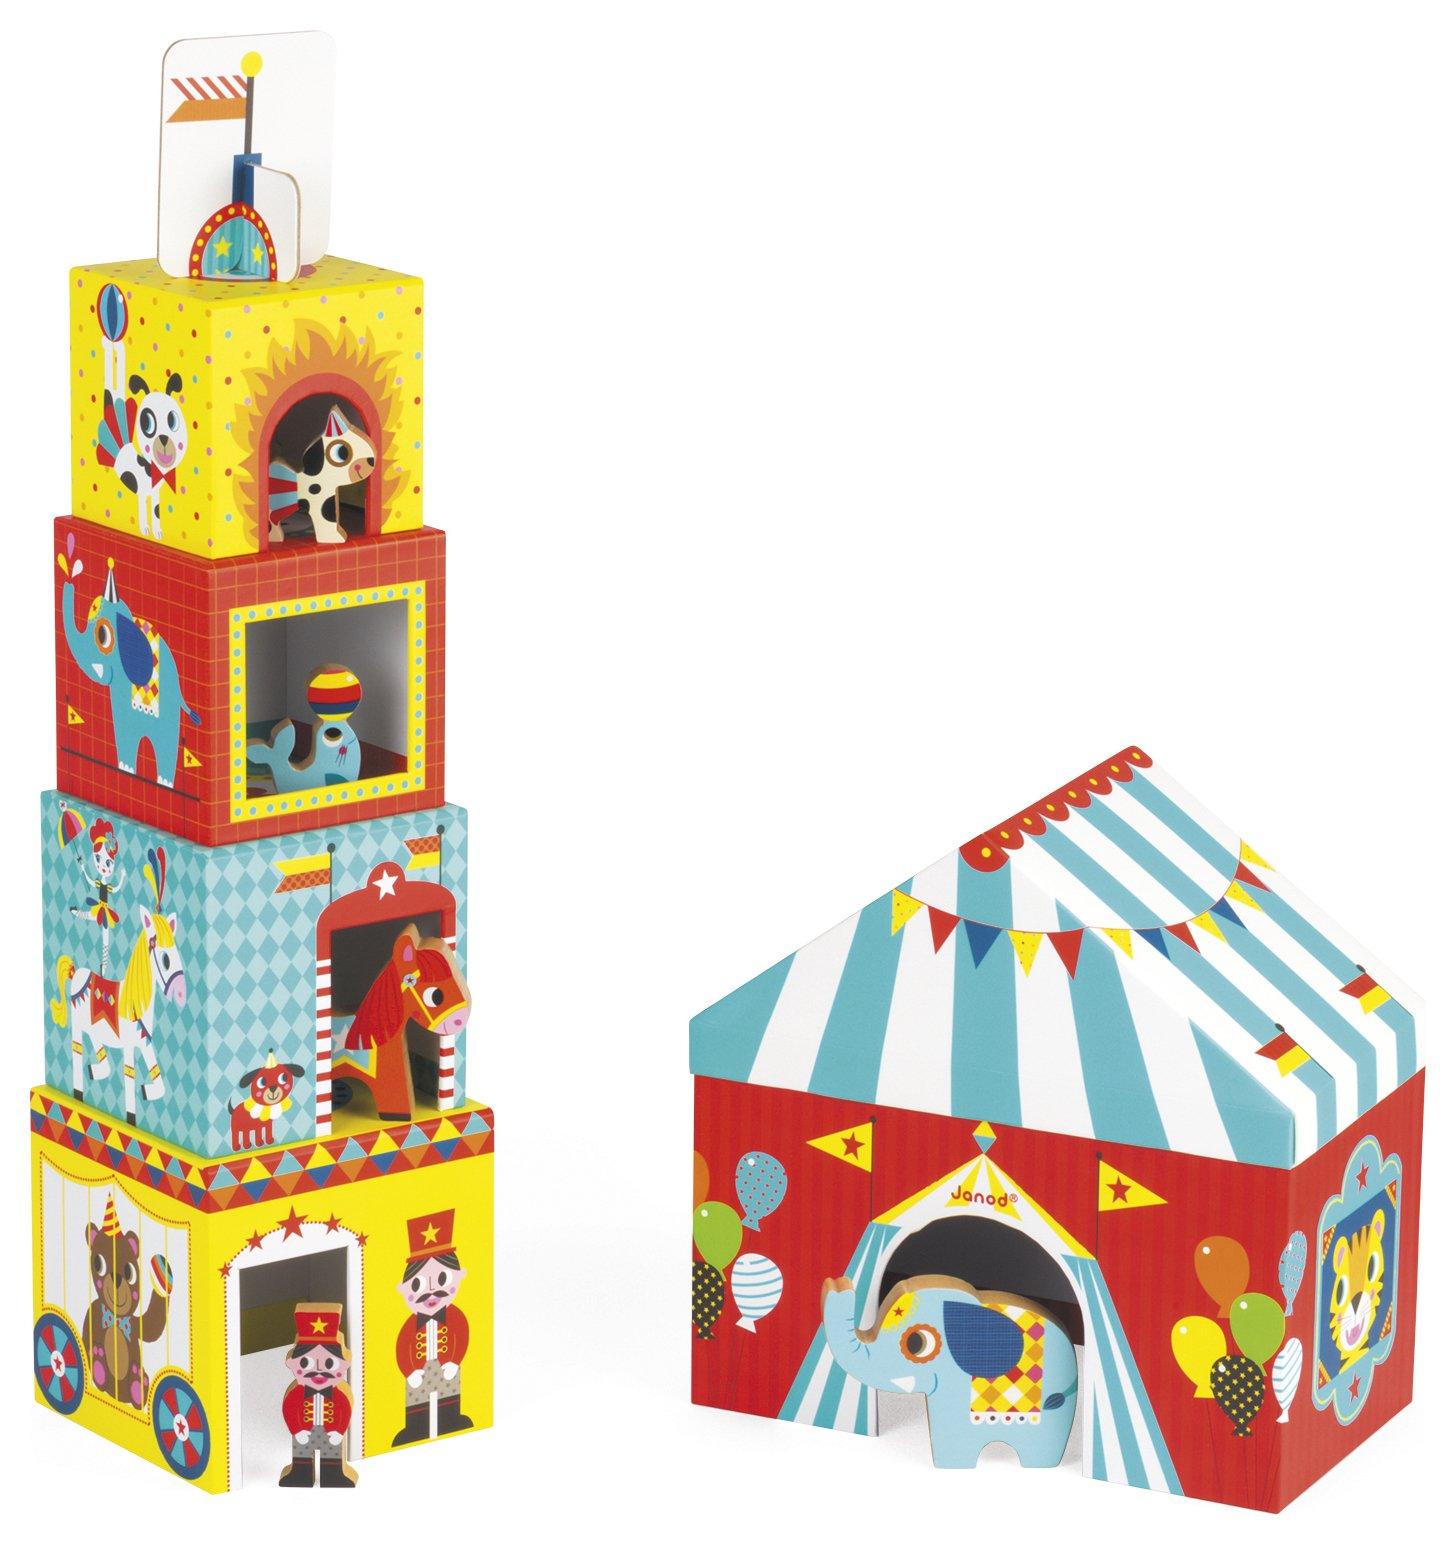 Image of Alex Multikub Circus Game.